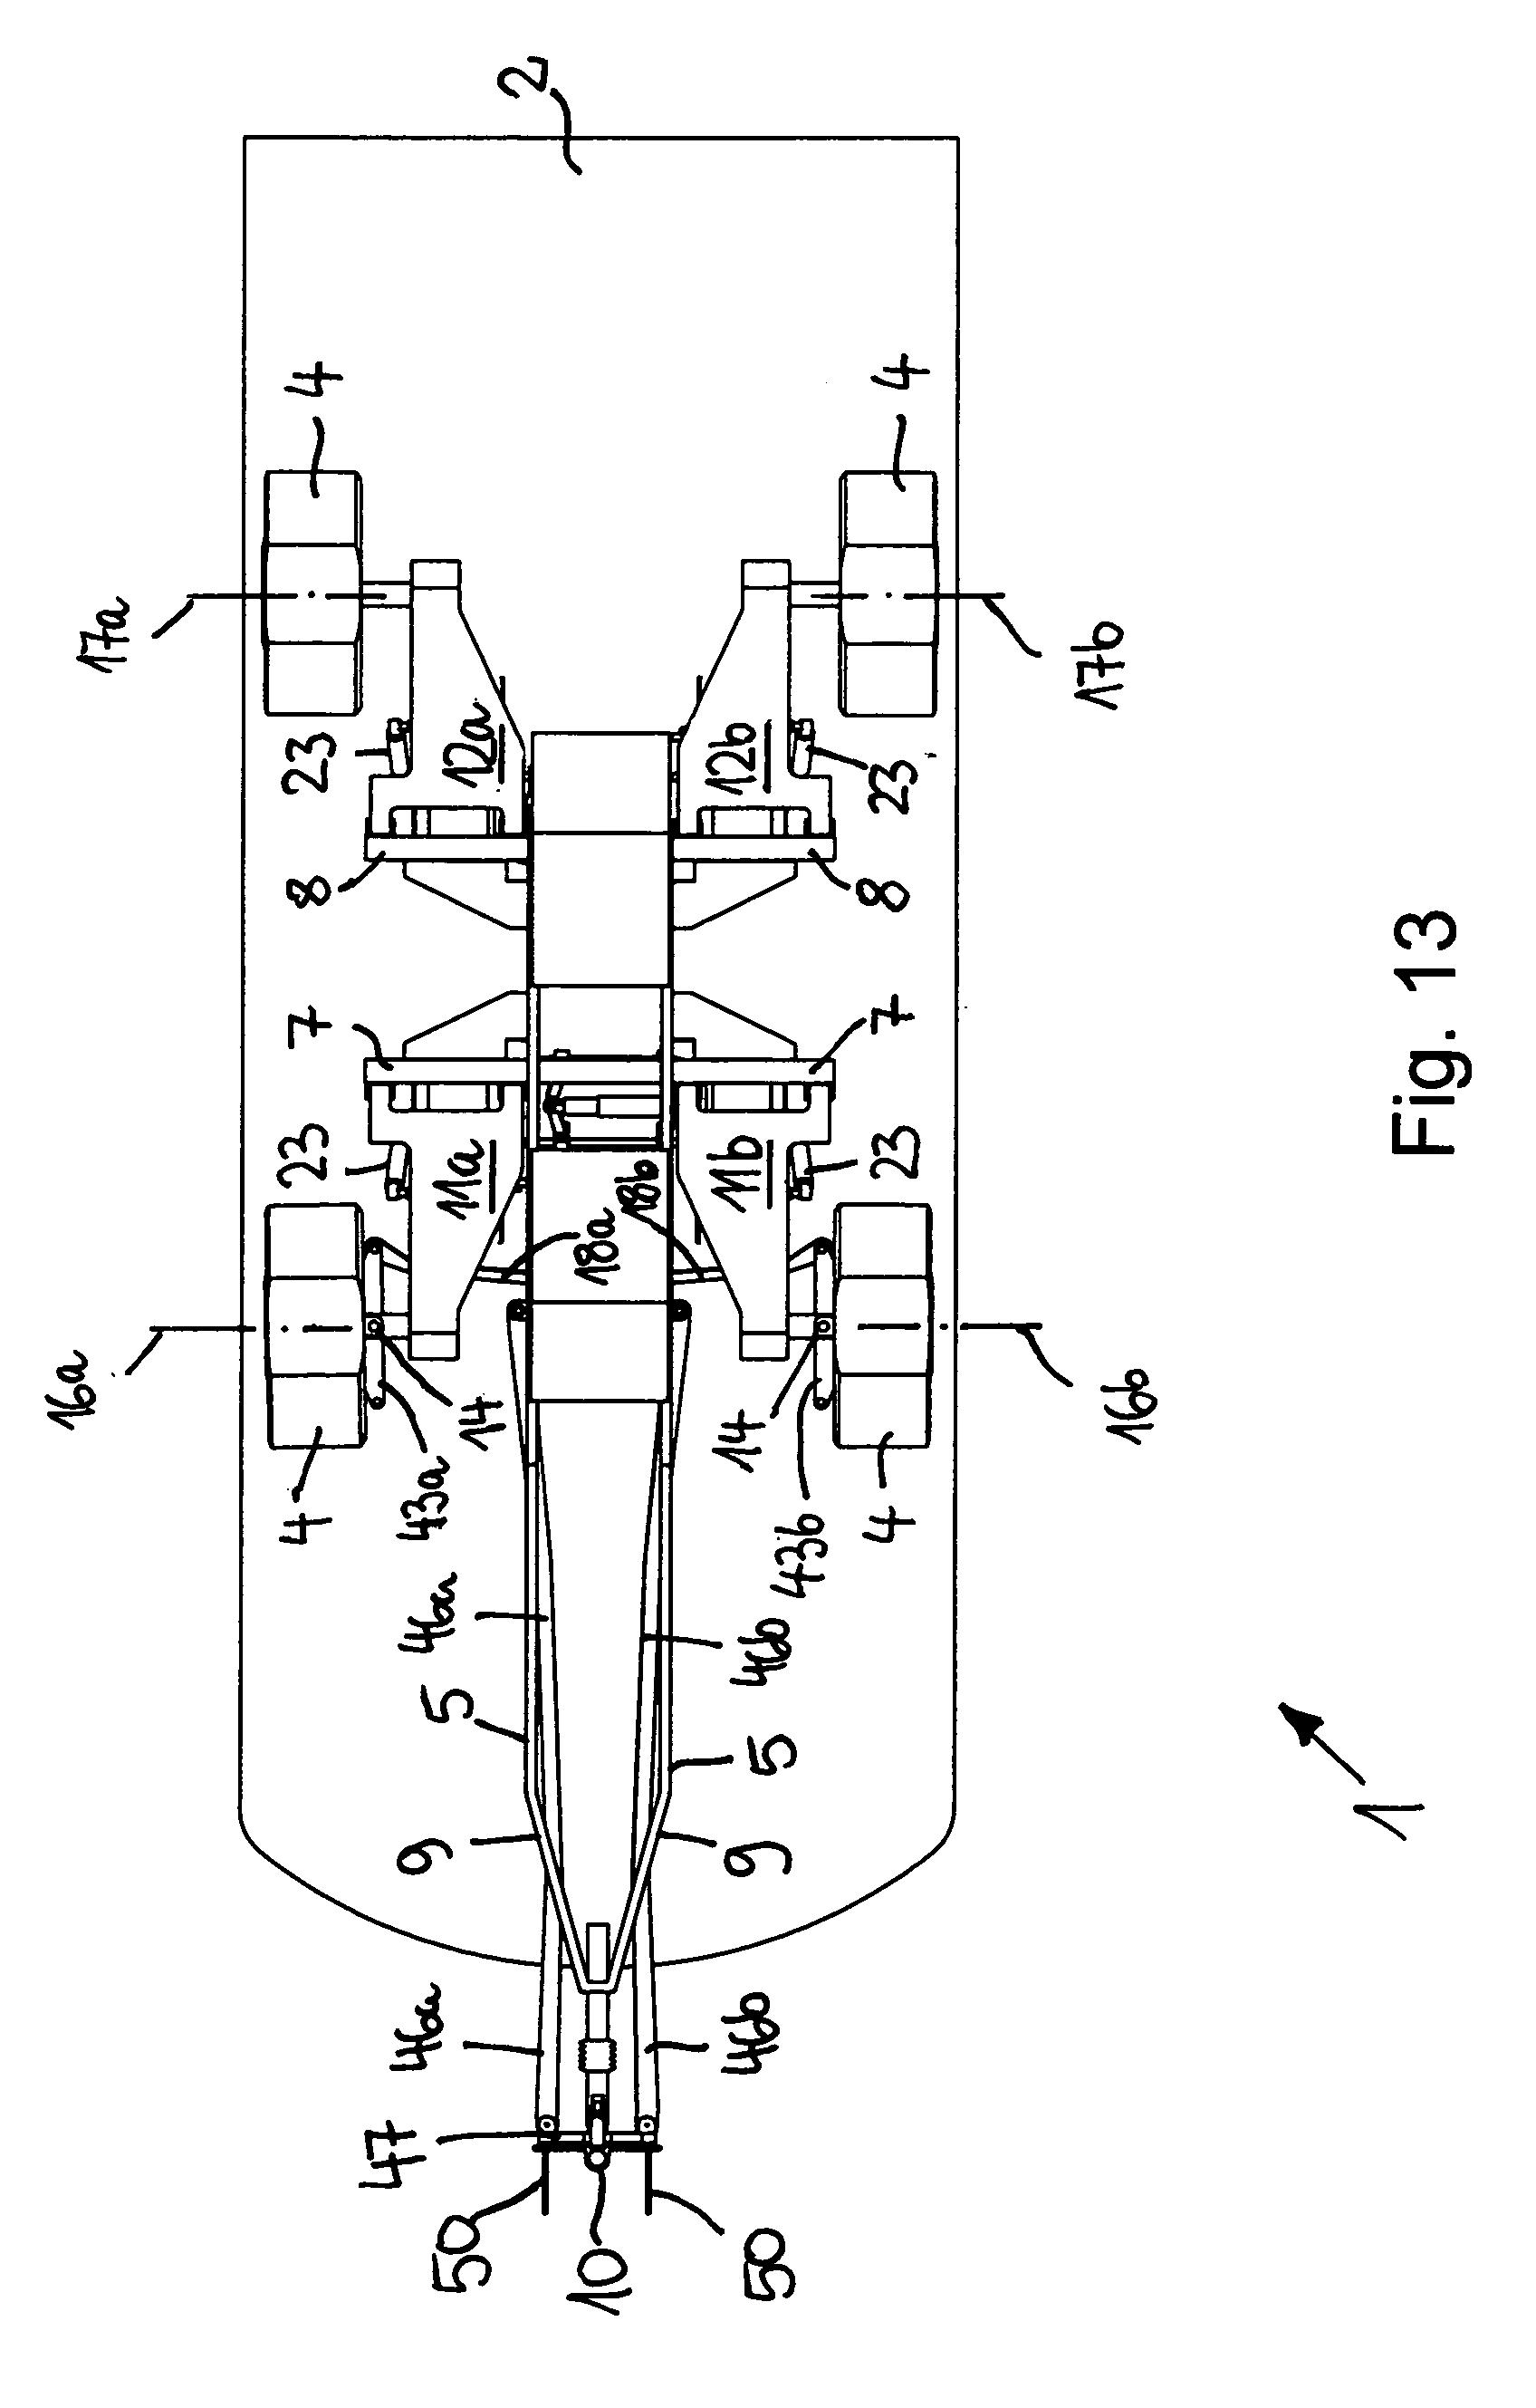 专利ep1557305a1 - fahrzeuganh01nger - google